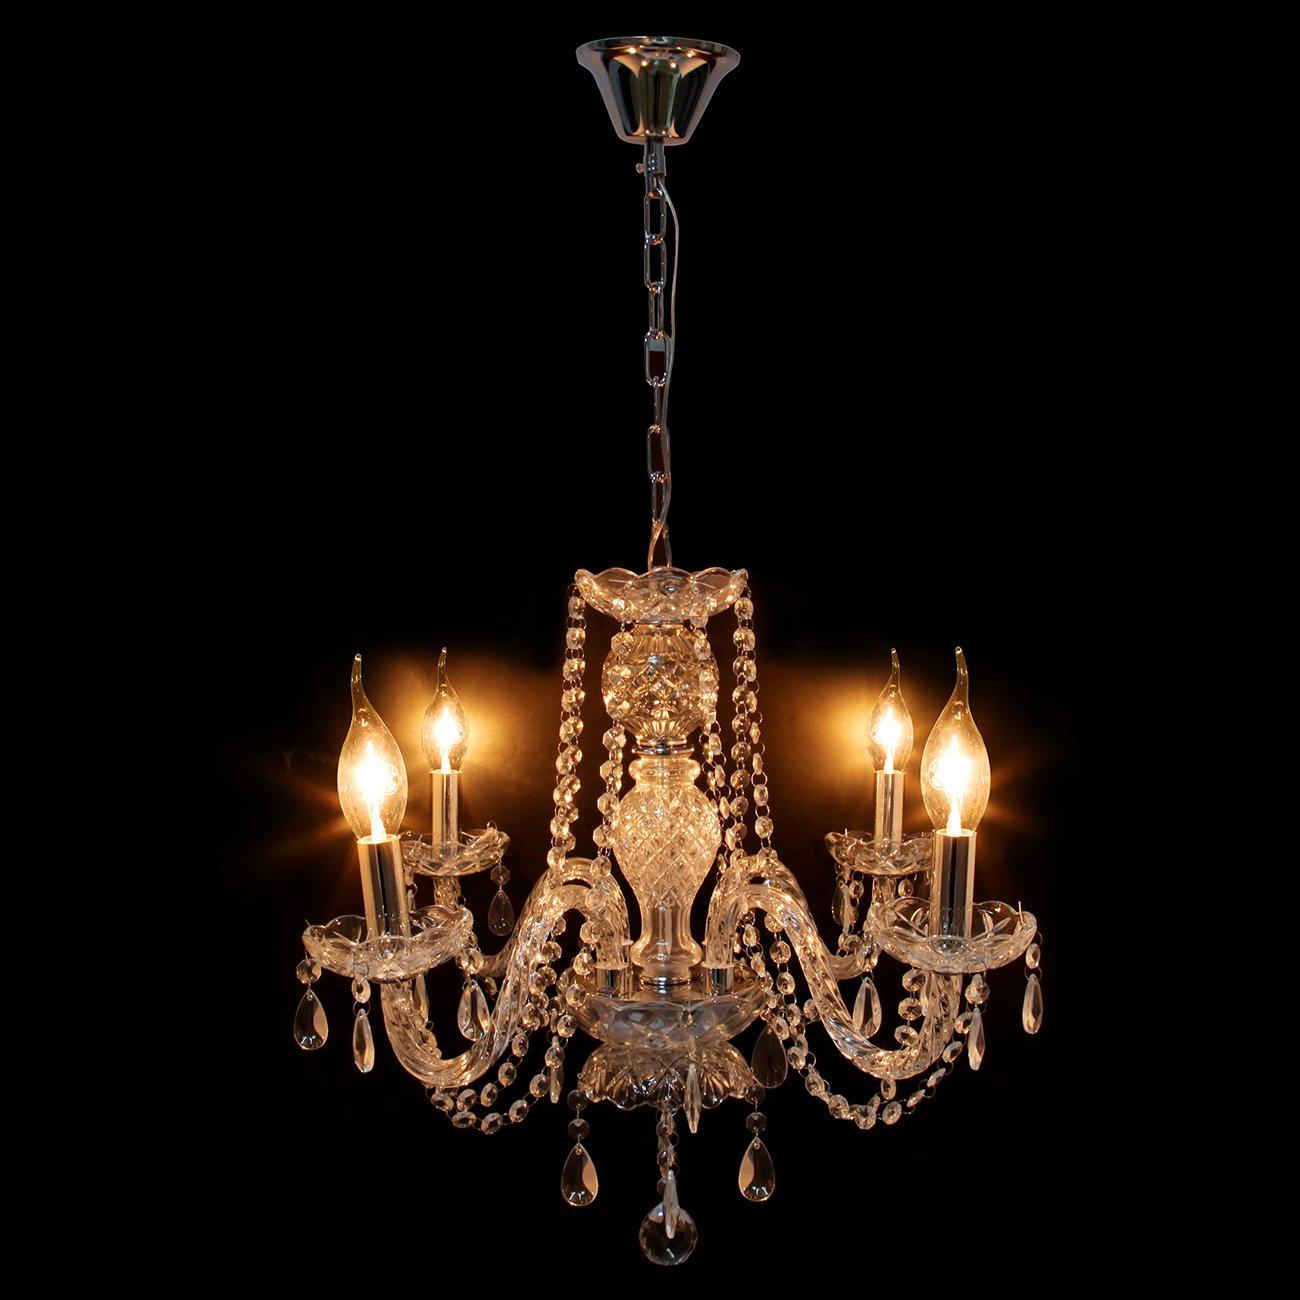 Samger Samger Lussuoso Lampadario a 8 bracci K5 Crystal Glass Colore Cognac Argento Plafoniera Lampada a sospensione per Soggiorno Camera da letto Corridoio Iscrizione